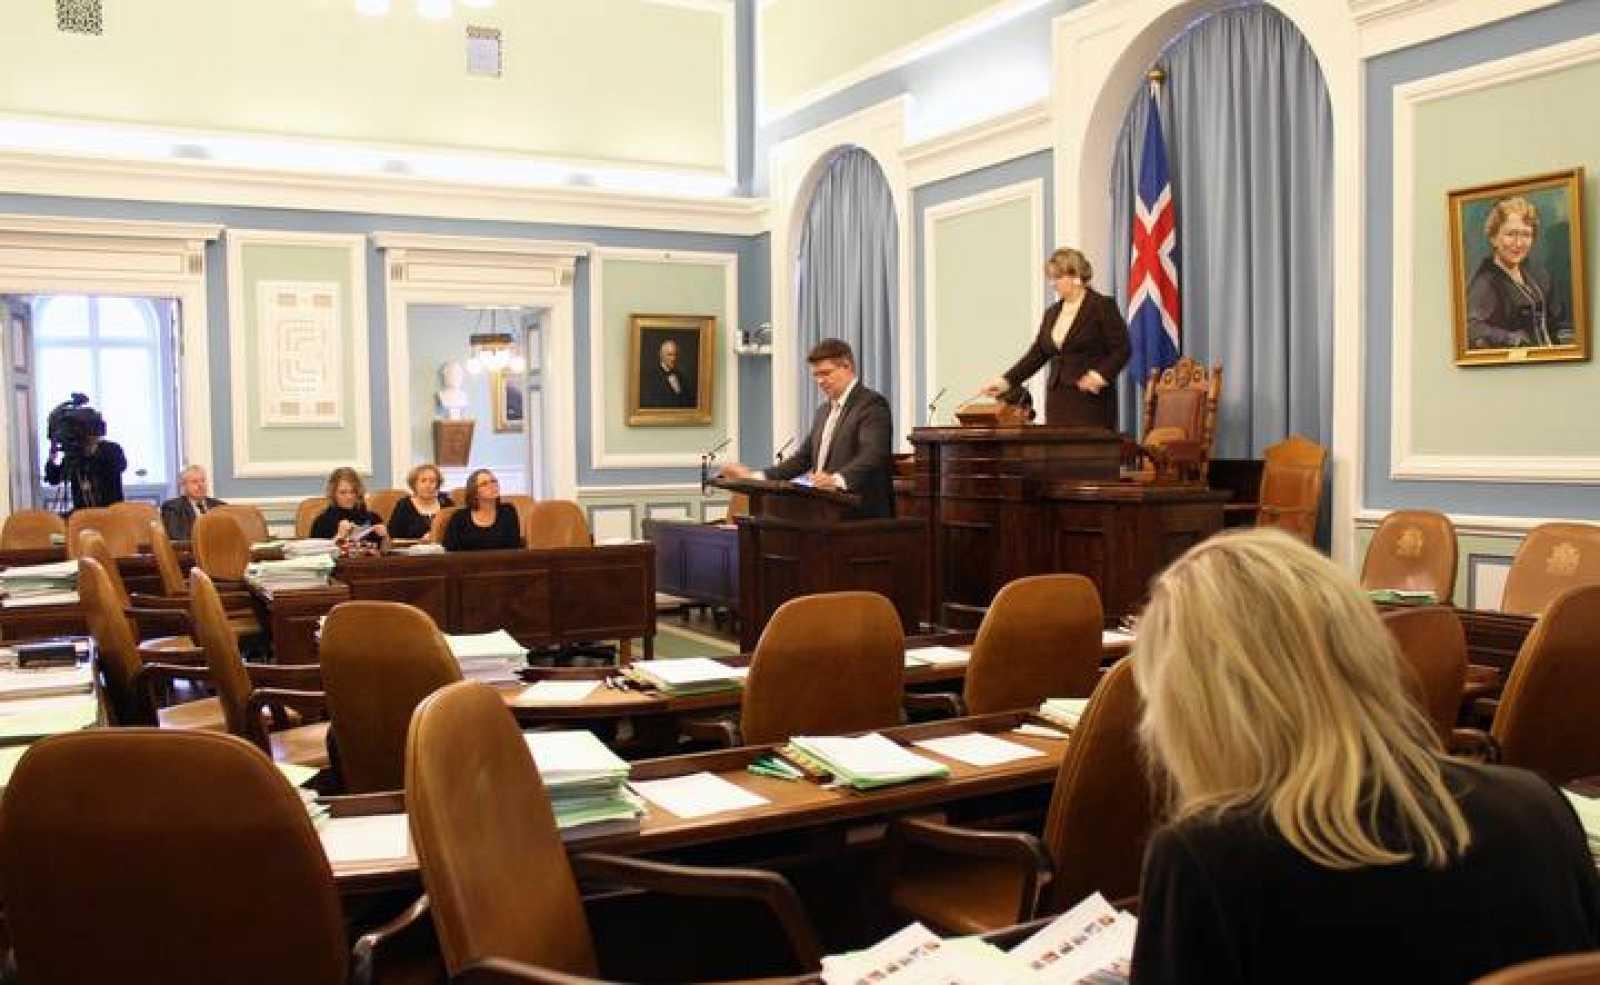 El Parlamento debatiendo sobre el borrador de la Constitución islandesa.